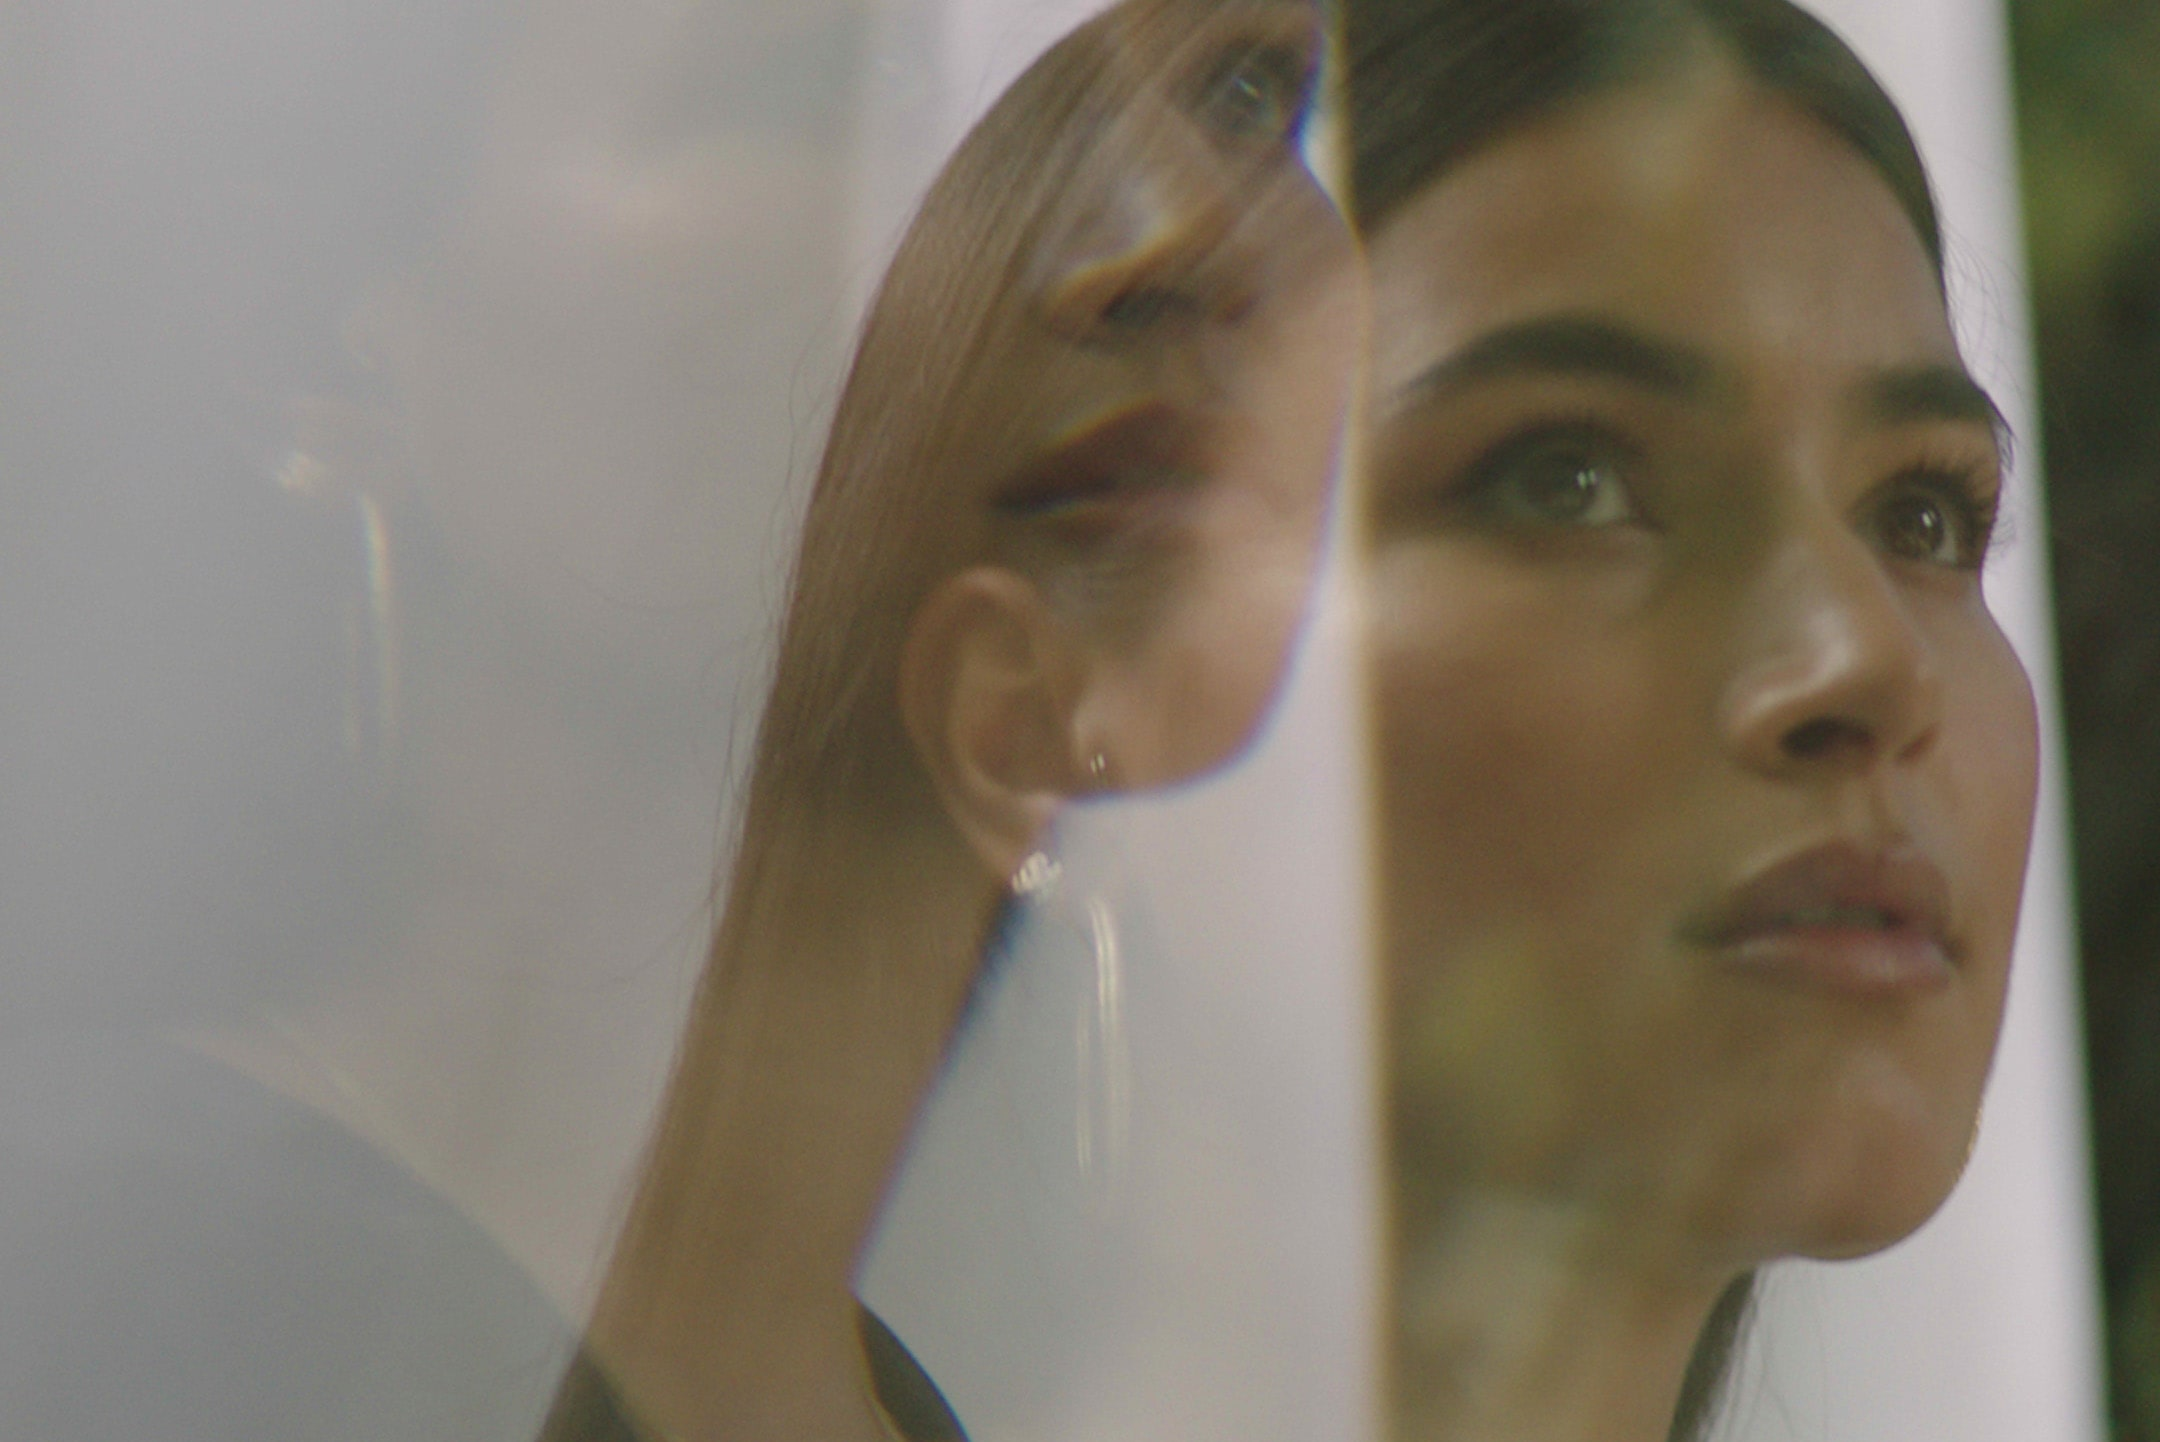 Daniëlle Cathari for END.